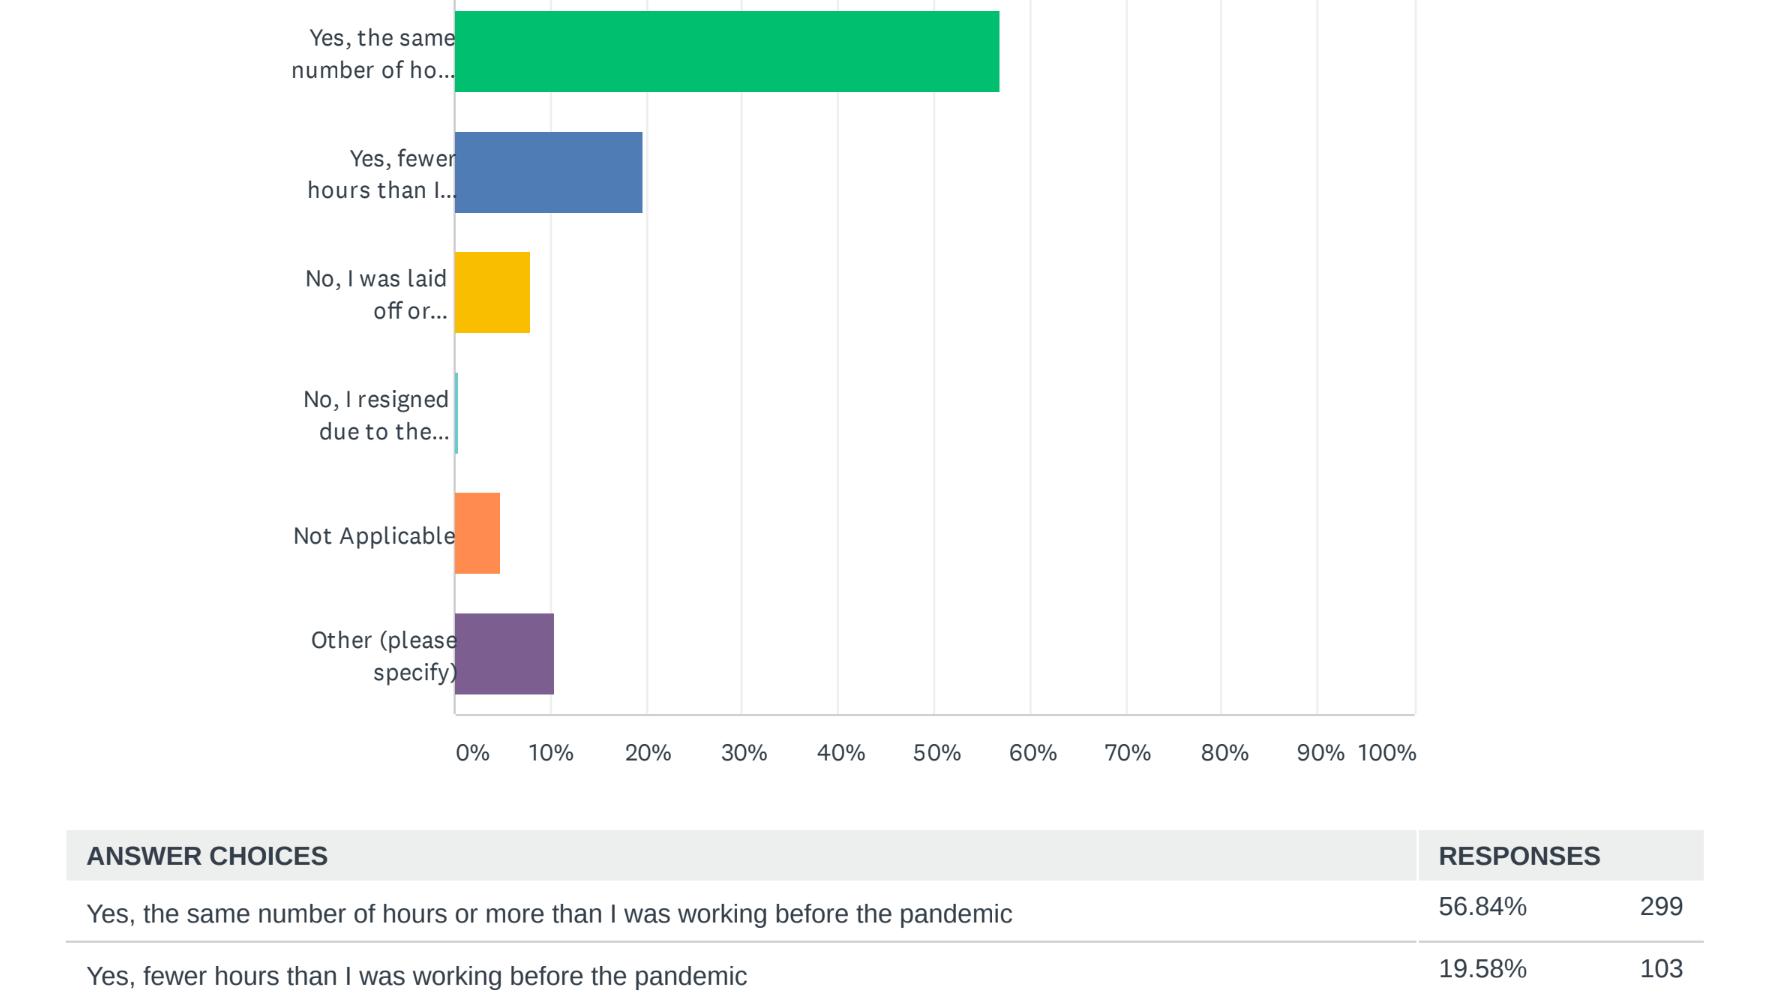 A screenshot of survey data